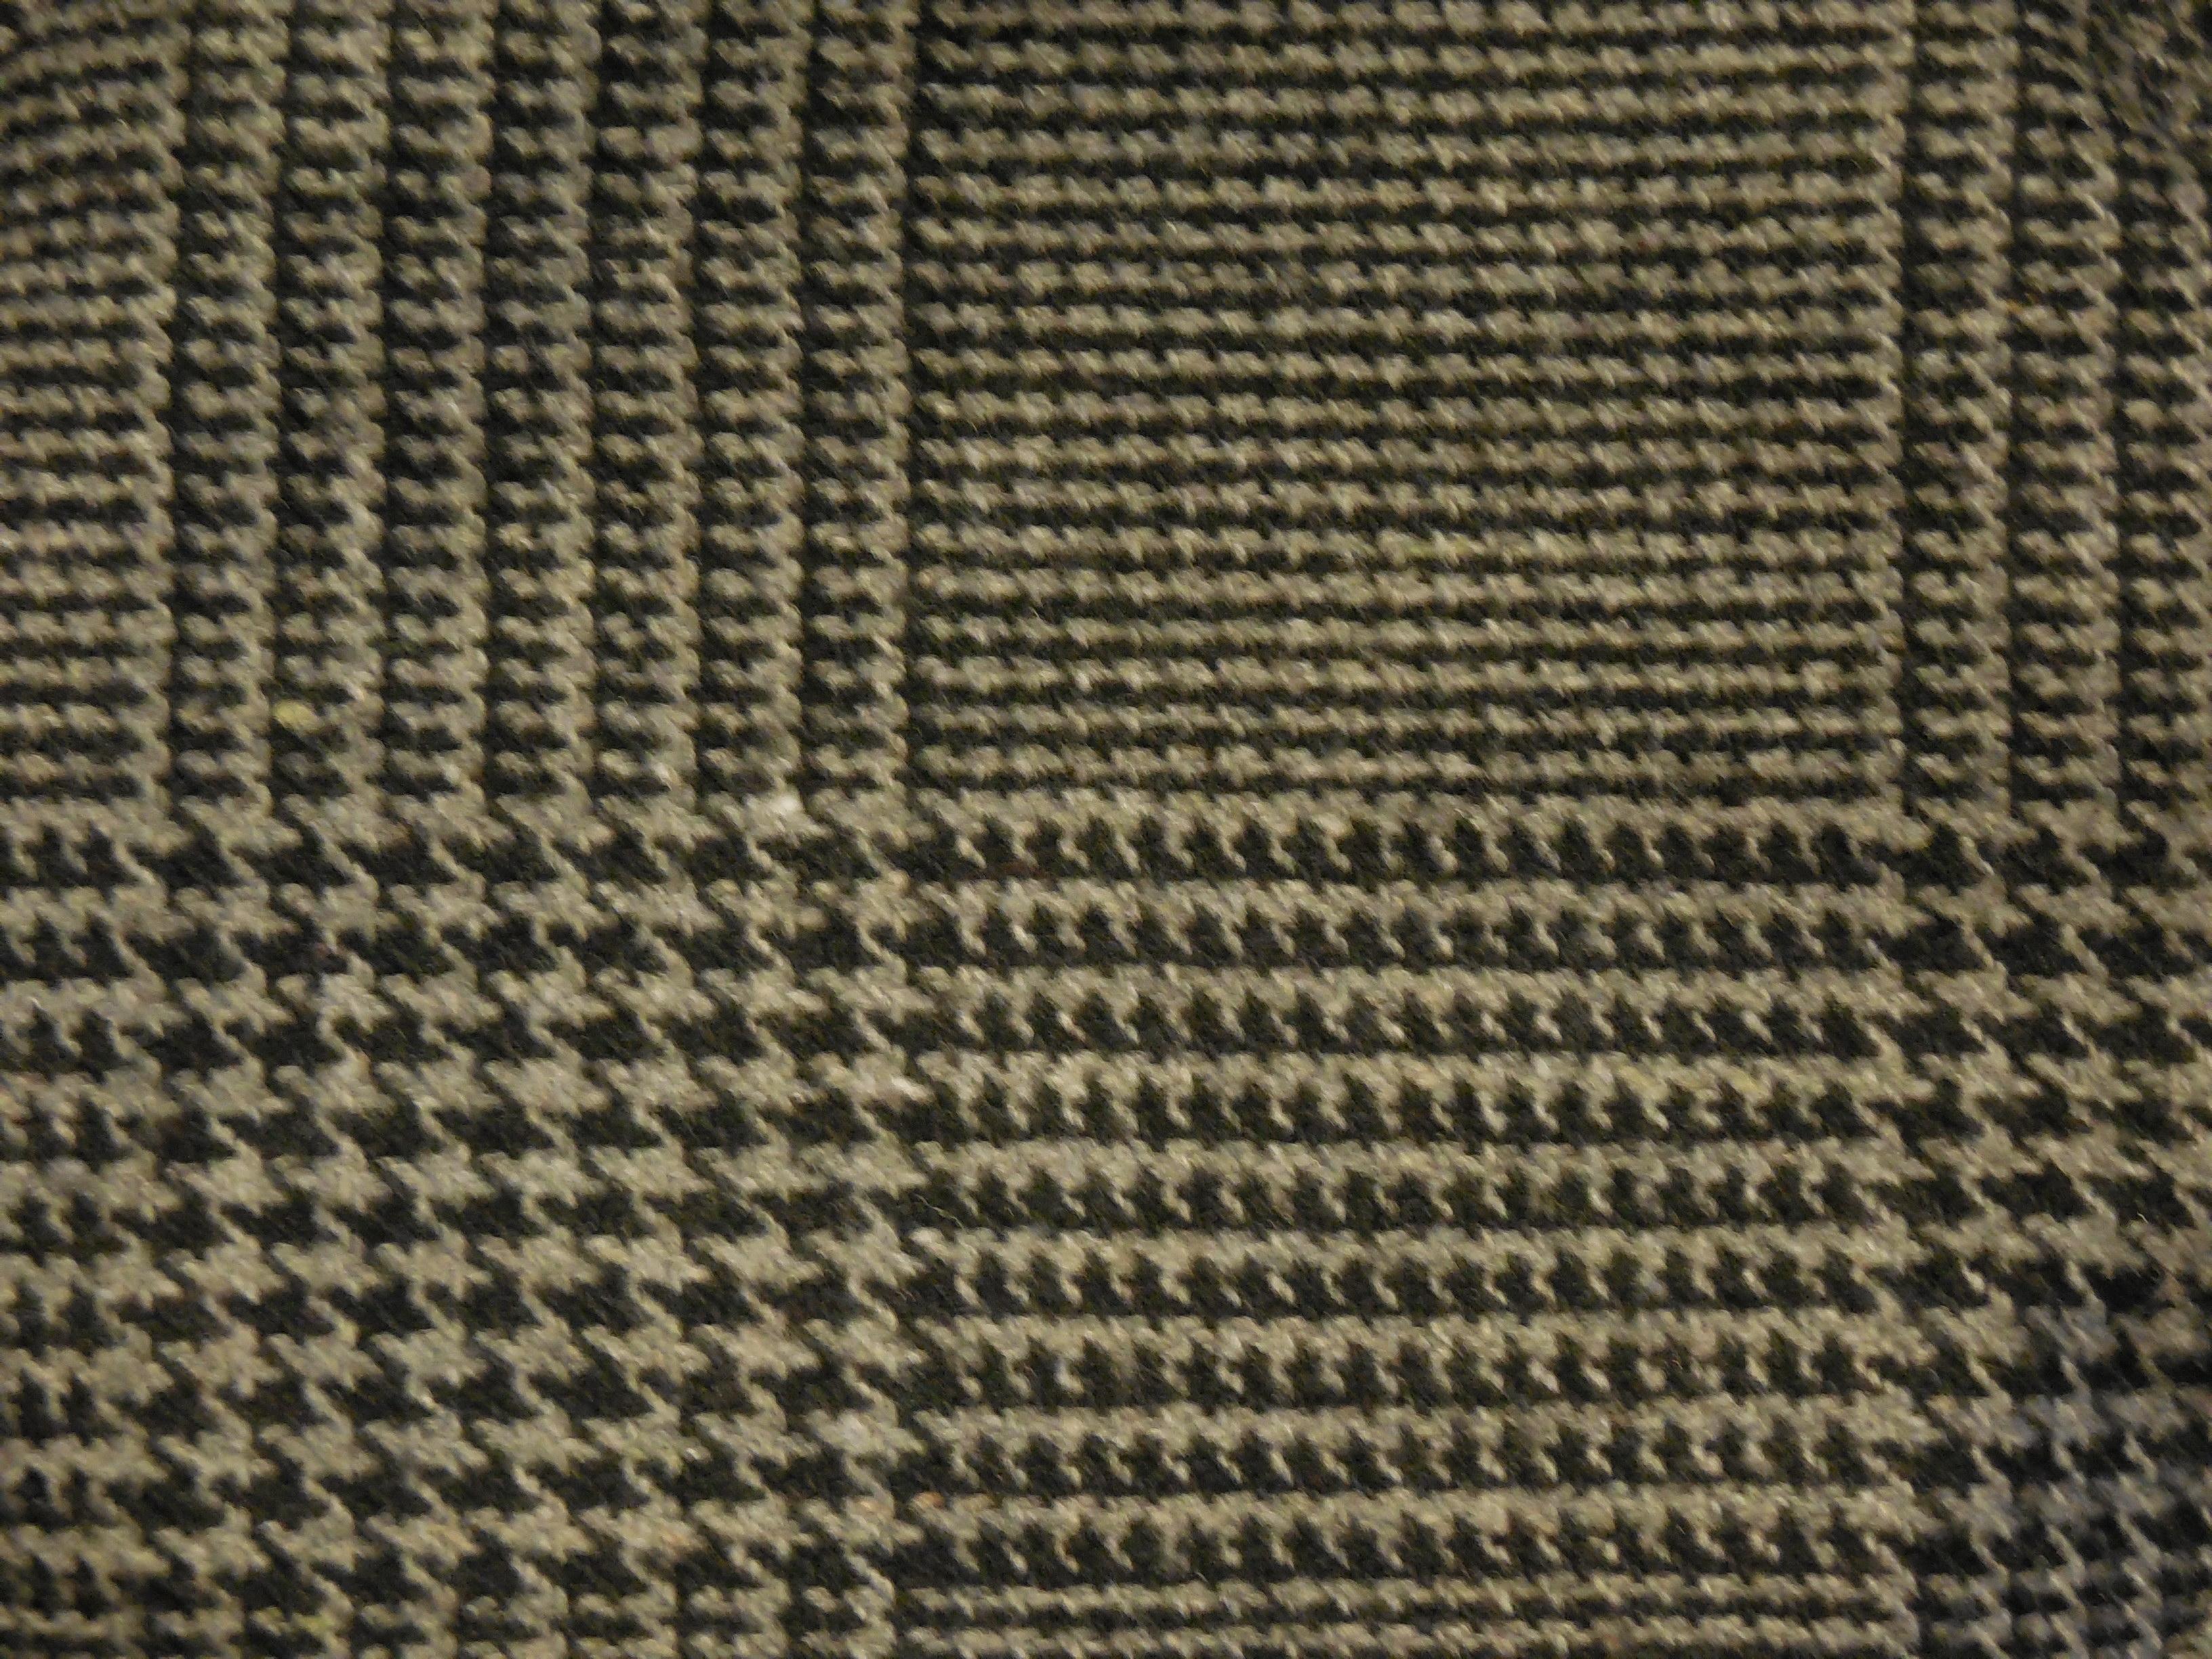 6a6e6f9688 Principe di Galles (tessuto) - Wikipedia